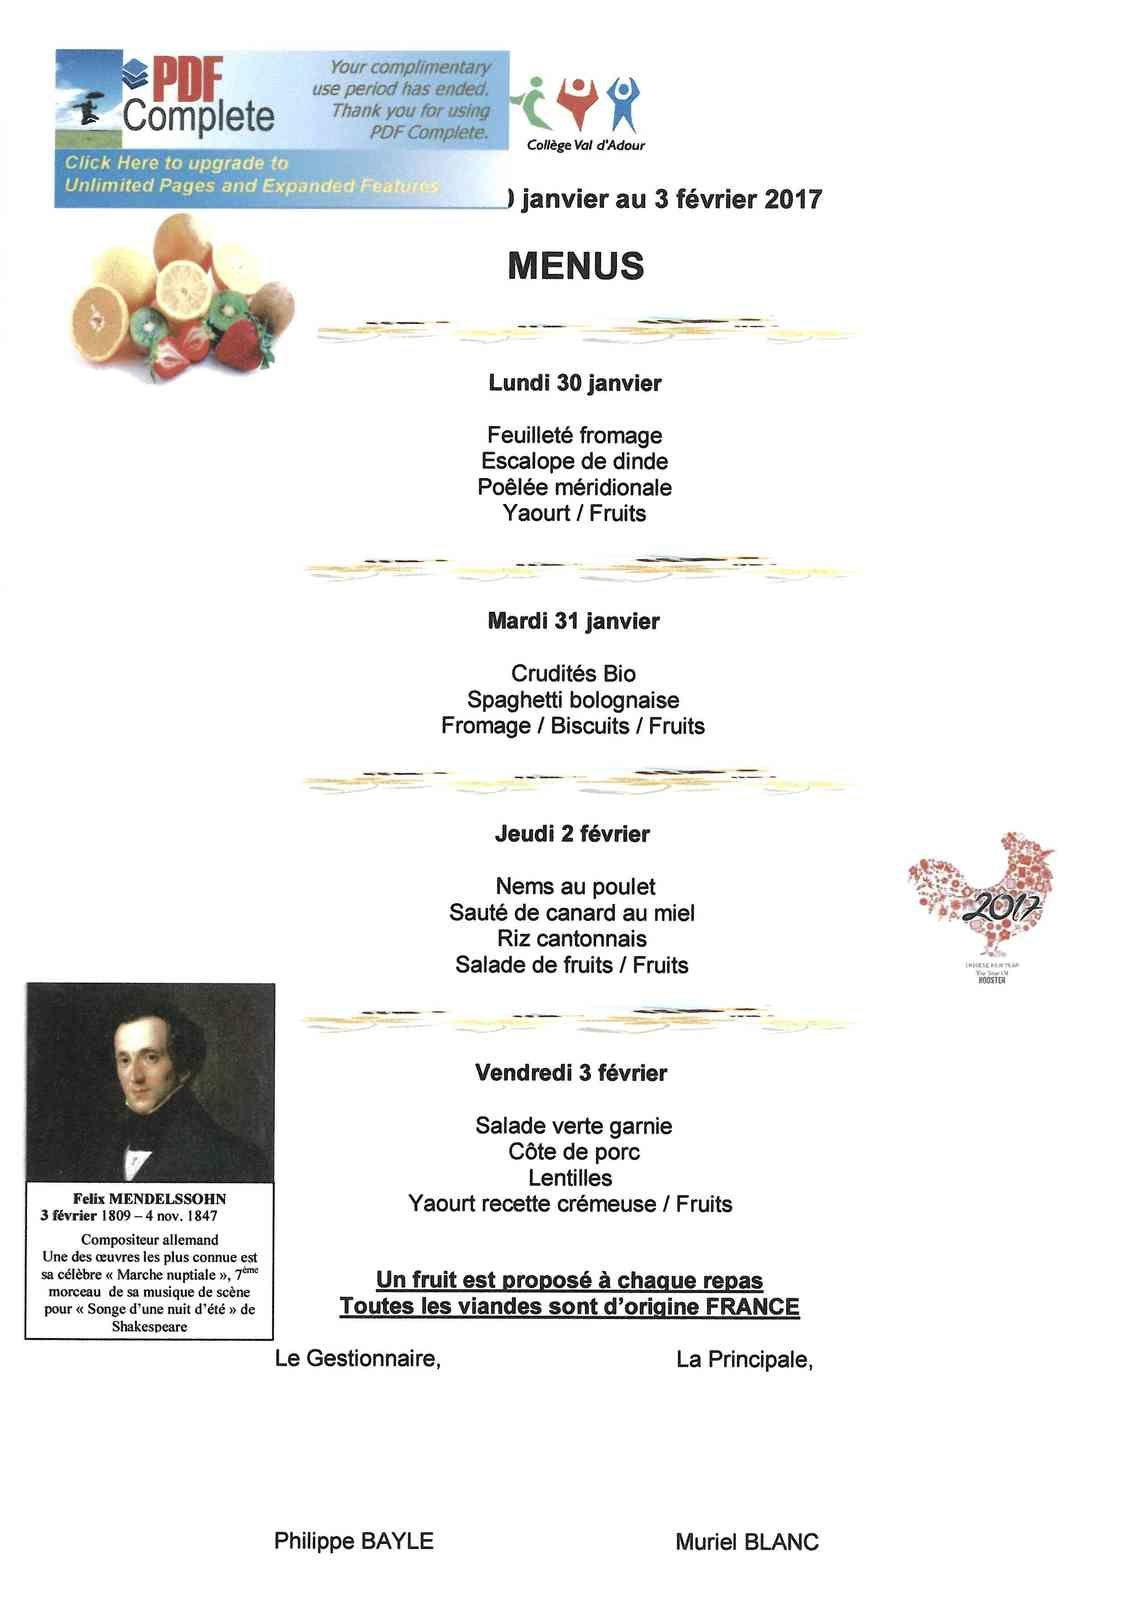 Menus restauration scolaire du 30.01.17 au 03.02.17